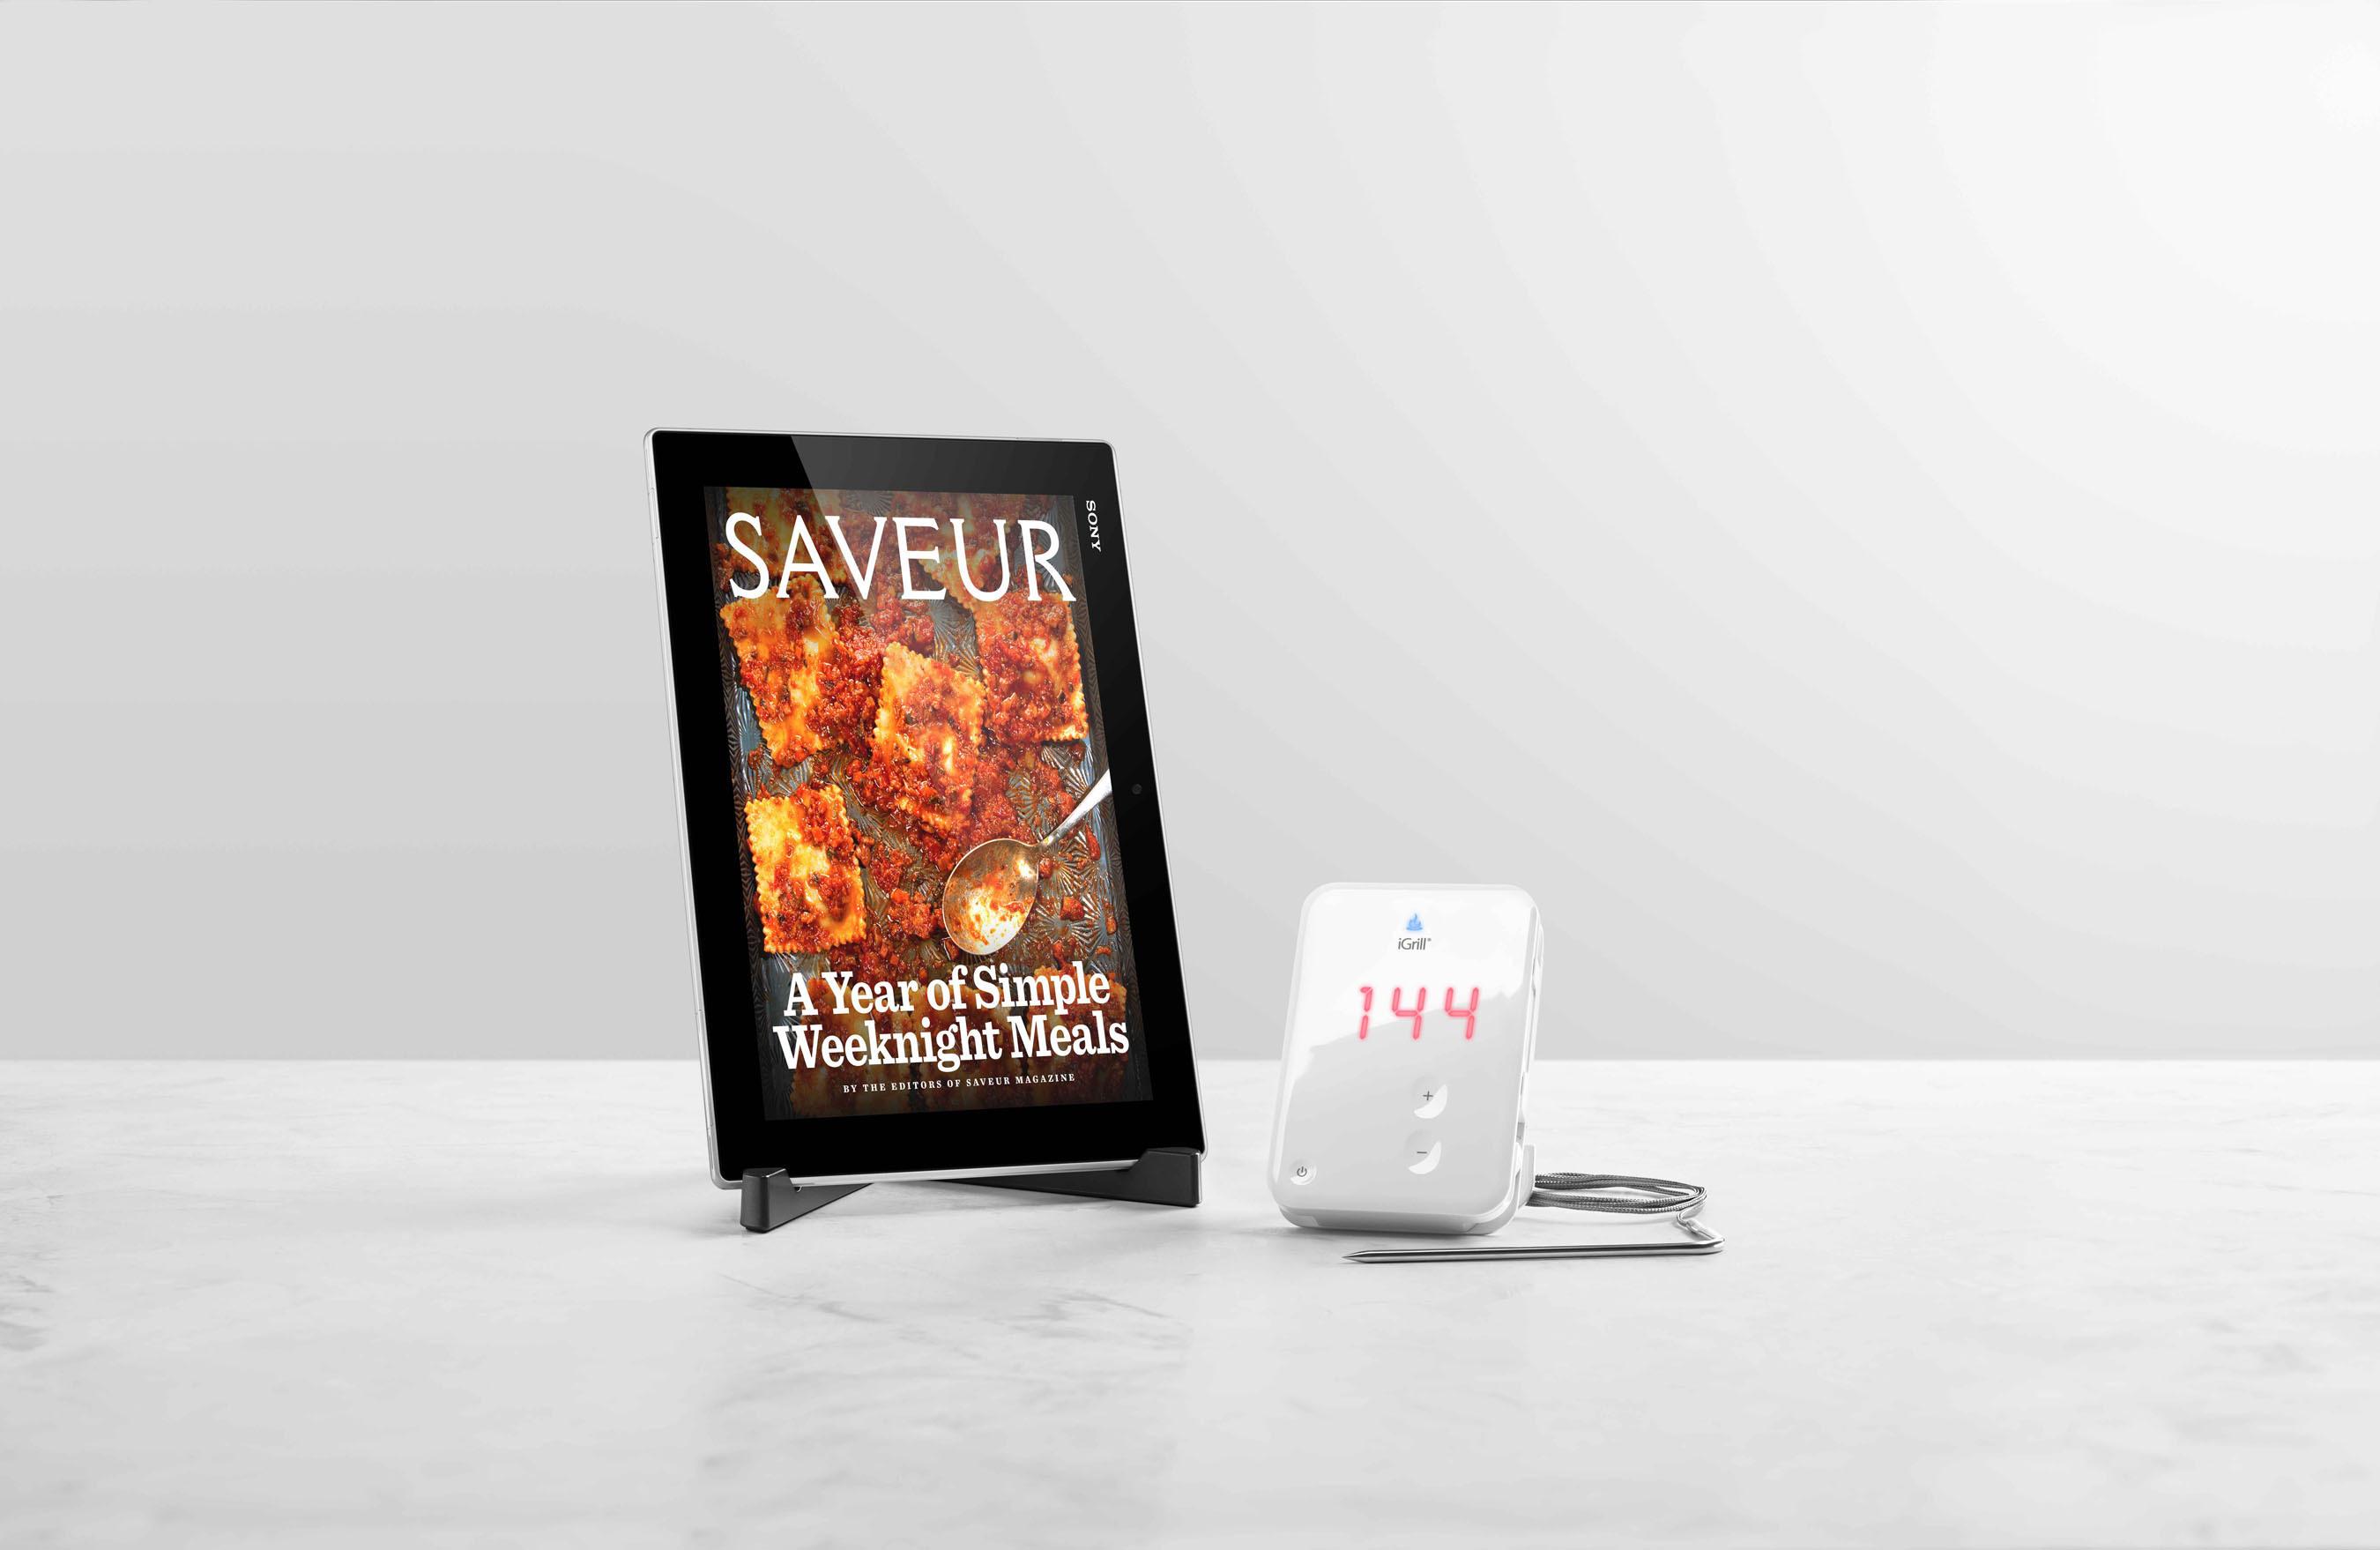 Sony Xperia Tablet Z: Kitchen Edition now available. (PRNewsFoto/Sony Electronics) (PRNewsFoto/SONY ELECTRONICS)